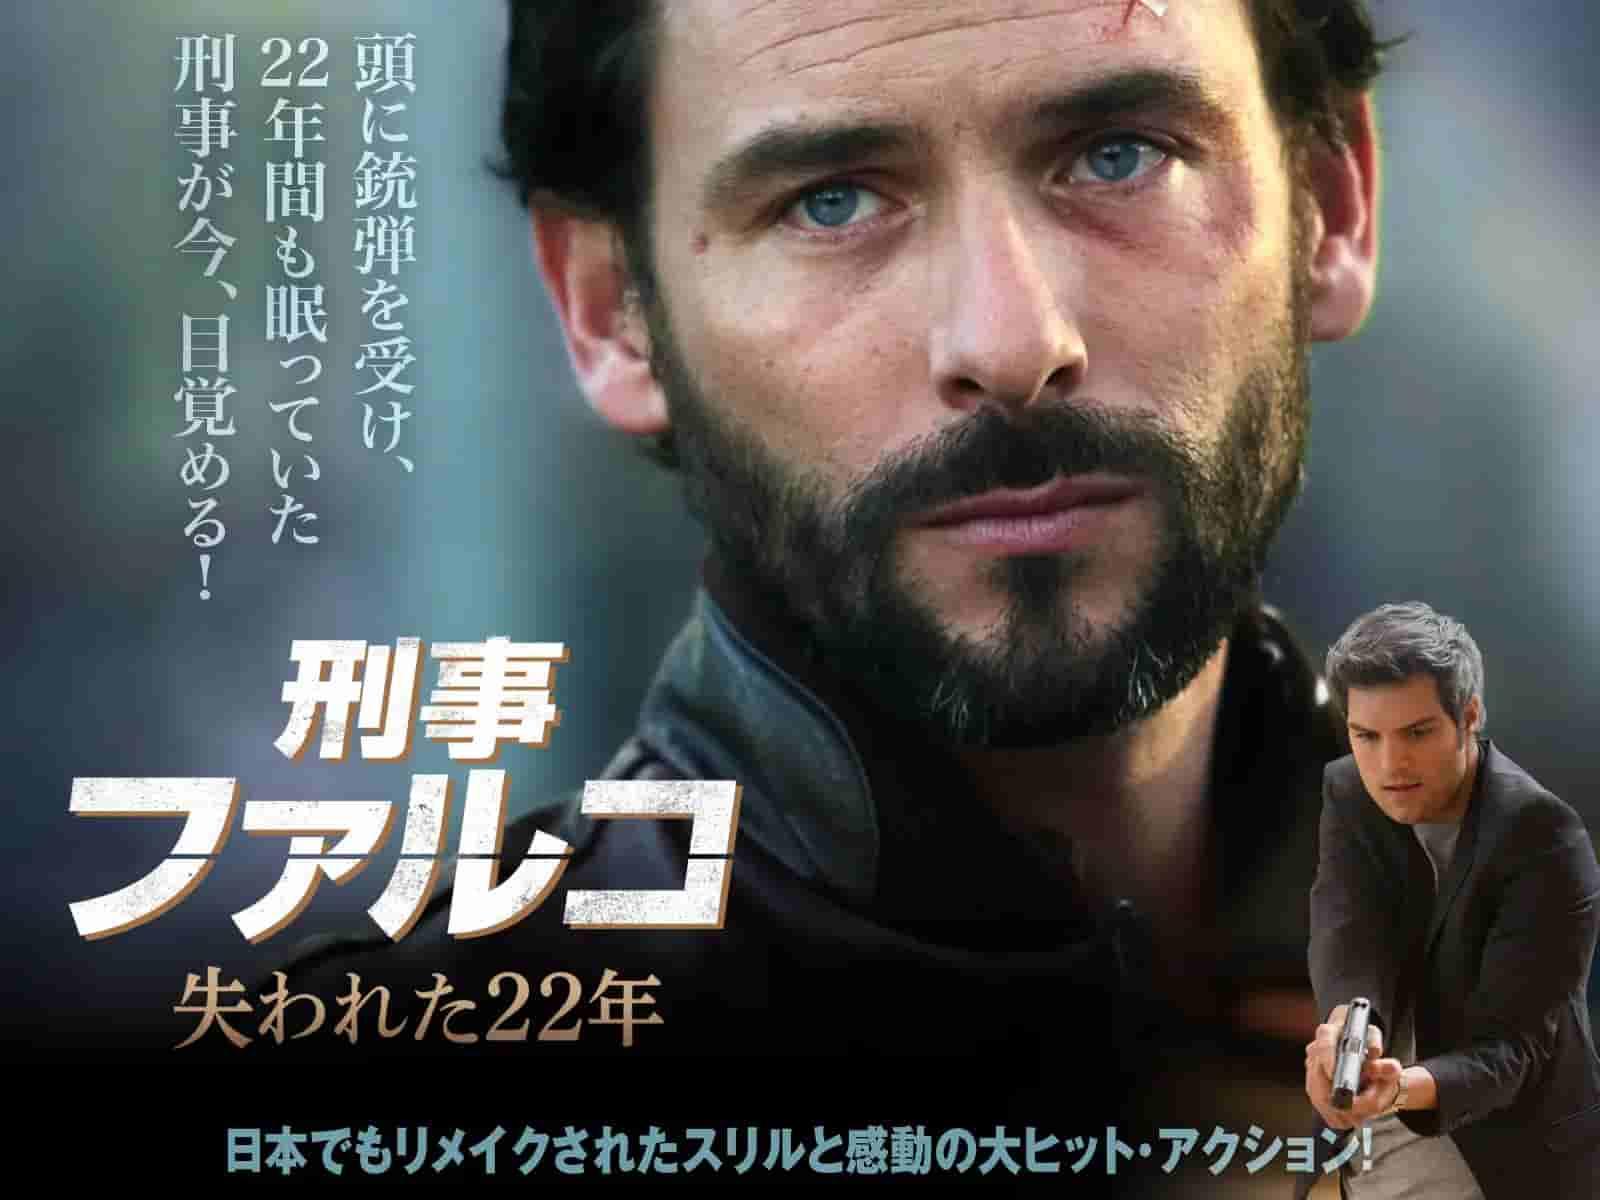 日本でもリメイクされた大ヒット・アクション『刑事ファルコ 失われた22年』GYAOで配信開始